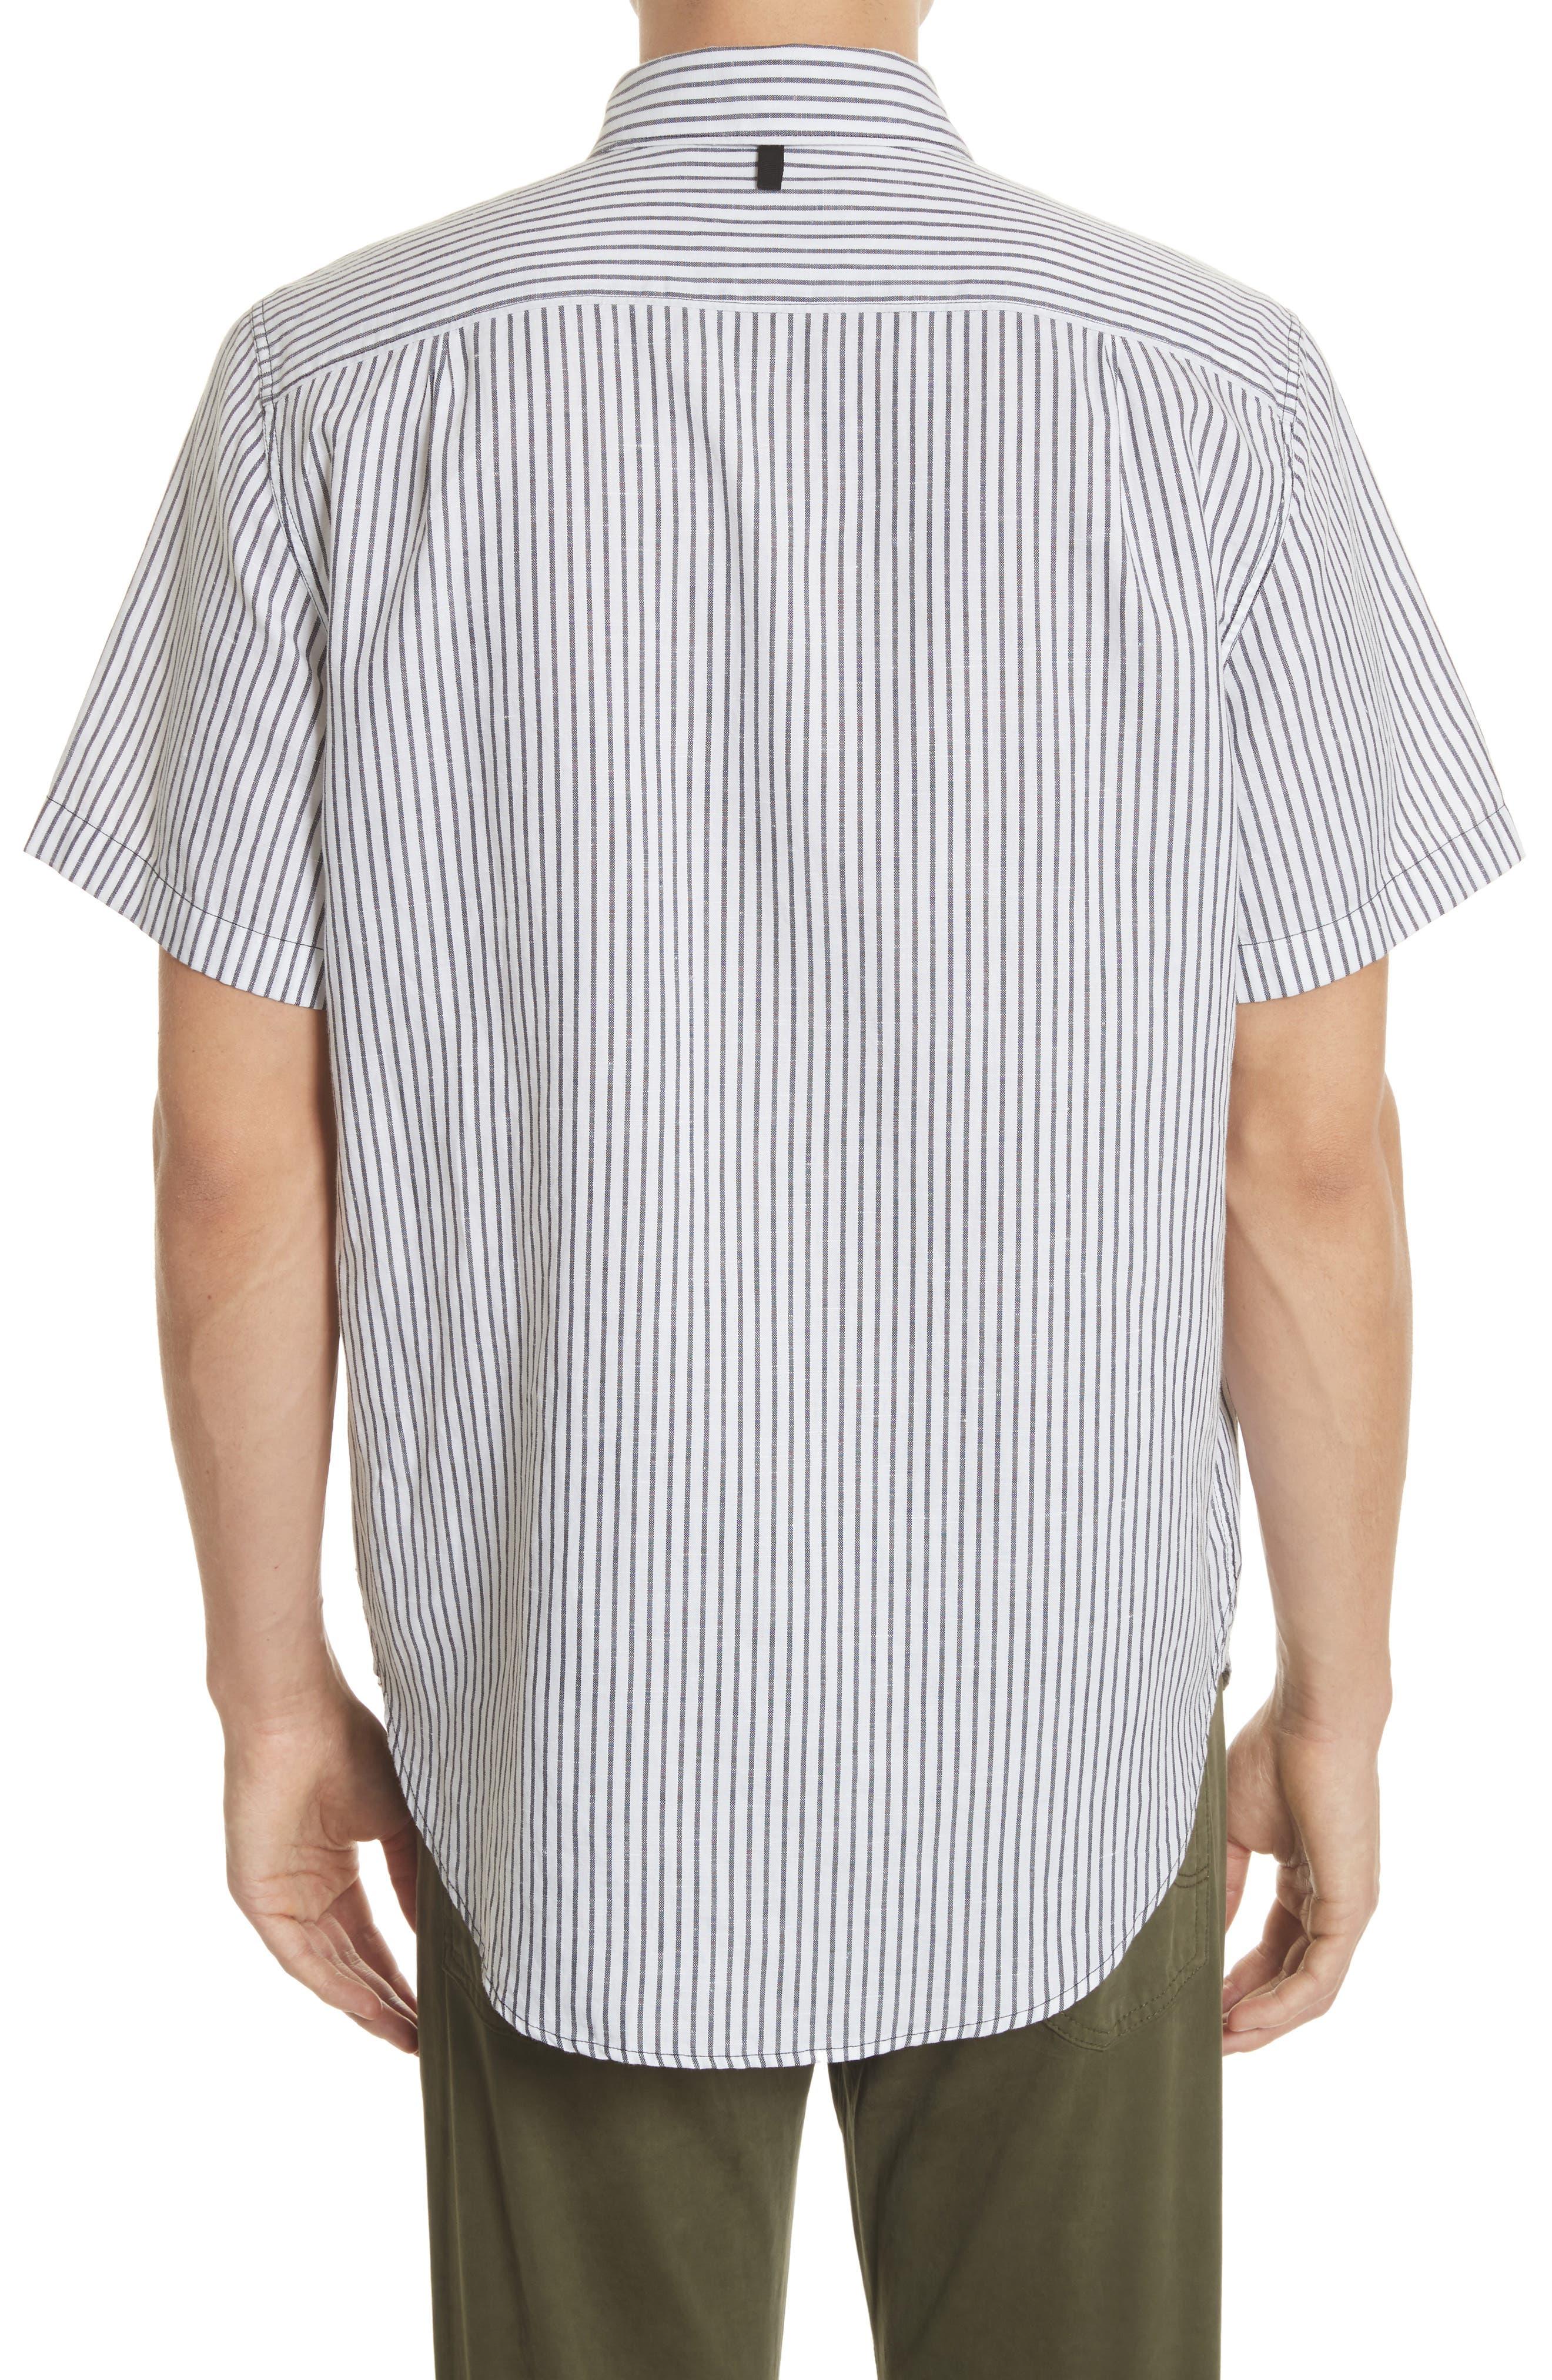 Stripe Short Sleeve Sport Shirt,                             Alternate thumbnail 2, color,                             195